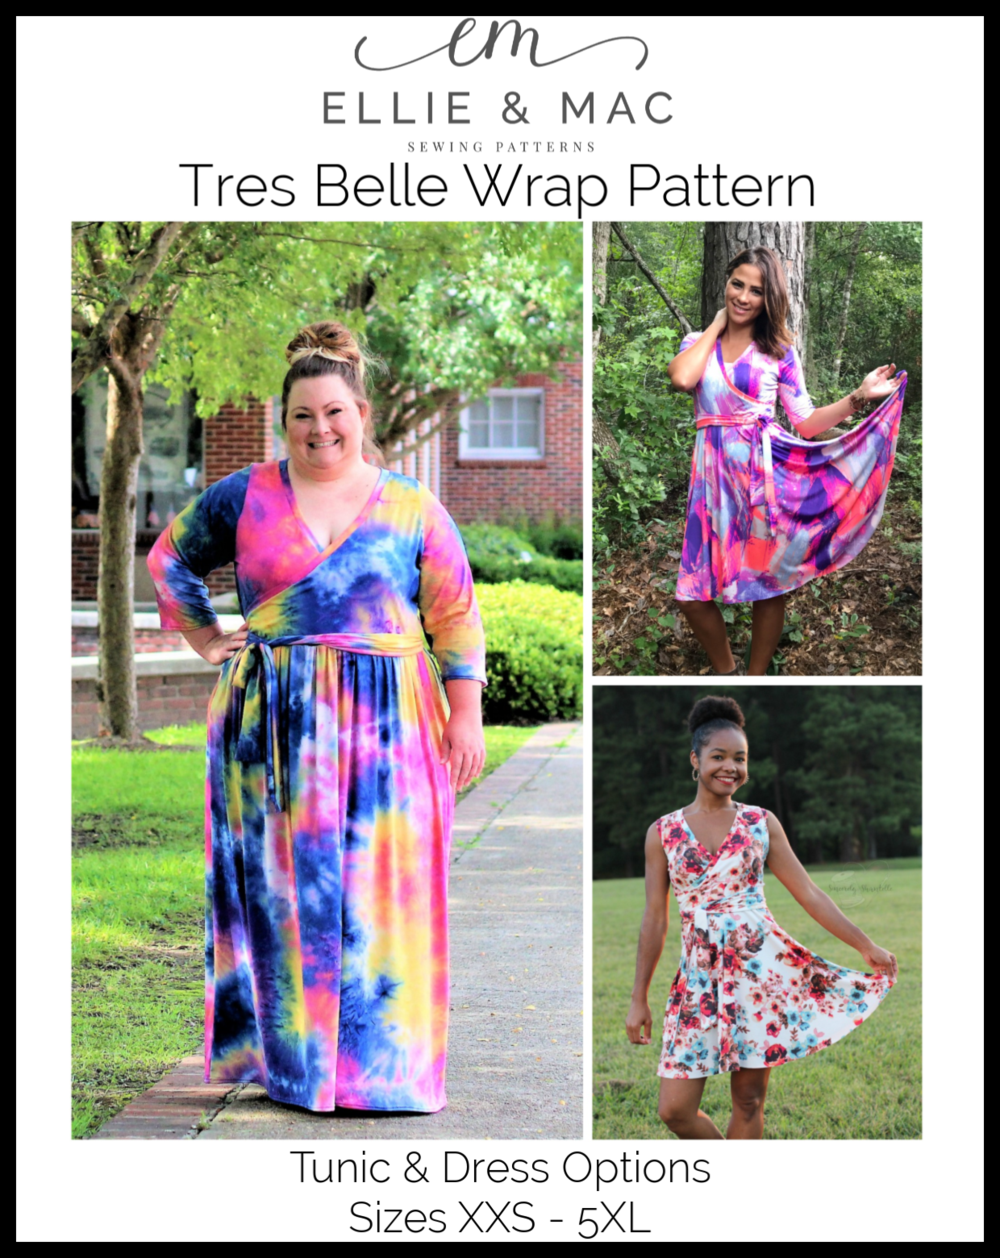 Ellie & Mac Tres Belle Wrap Top Sewing Pattern